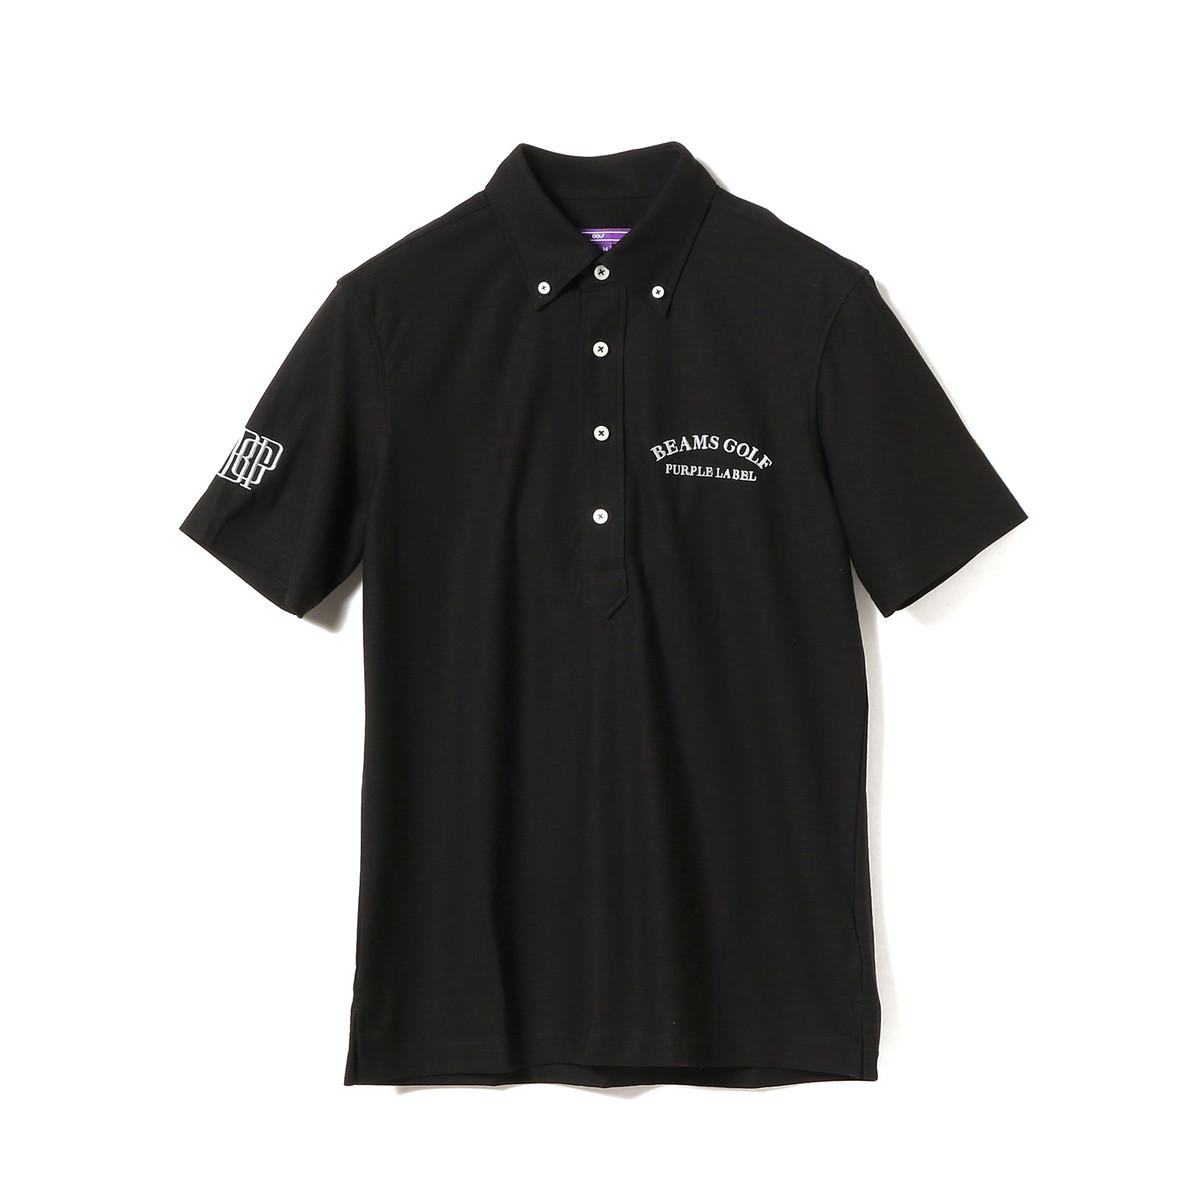 BEAMS GOLF PURPLE LABEL BGP ボタンダウン 半袖ポロシャツ